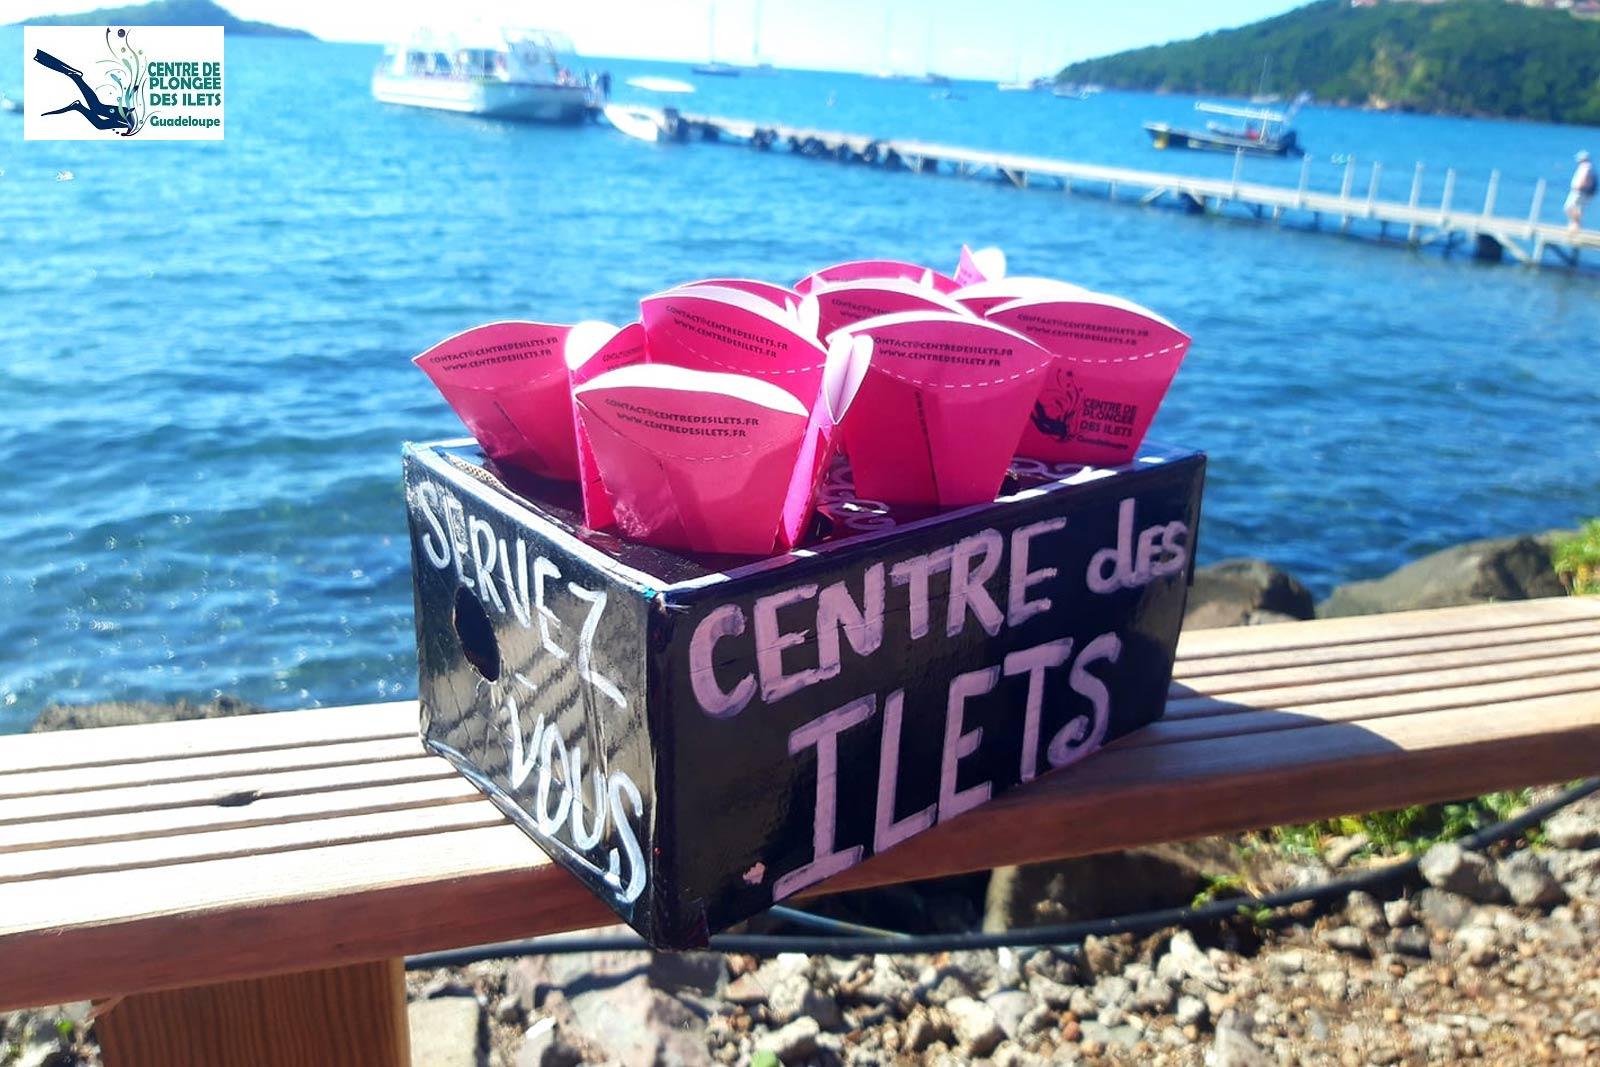 Centre de plongée des Ilets - Cendriers de plage